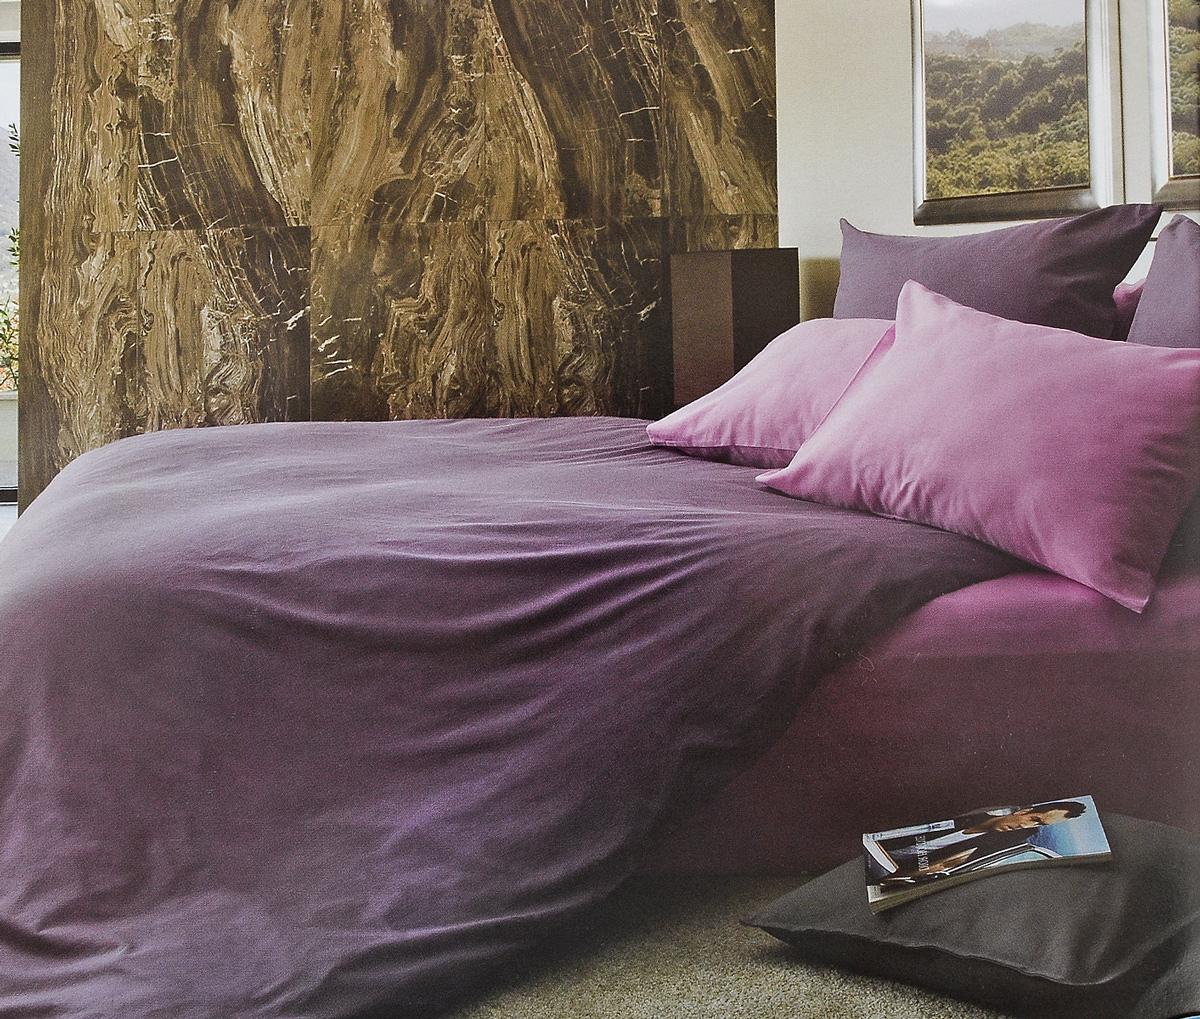 Комплект белья Tiffanys Secret Черничные ночи, евро, наволочки 50х70, цвет: фиолетовый, сиреневый2040816124Комплект постельного белья Tiffanys Secret Черничные ночи является экологически безопасным для всей семьи, так как выполнен из сатина (100% хлопок). Комплект состоит из пододеяльника, простыни и двух наволочек. Благодаря такому комплекту постельного белья вы сможете создать атмосферу уюта и комфорта в вашей спальне. Сатин - это ткань, навсегда покорившая сердца человечества. Ценившие роскошь персы называли ее атлас, а искушенные в прекрасном французы - сатин. Секрет высококачественного сатина в безупречности всего технологического процесса. Эту благородную ткань делают только из отборной натуральной пряжи, которую получают из самого лучшего тонковолокнистого хлопка. Благодаря использованию самой тонкой хлопковой нити получается необычайно мягкое и нежное полотно. Сатиновое постельное белье превращает жаркие летние ночи в прохладные и освежающие, а холодные зимние - в теплые и согревающие. Сатин очень приятен на ощупь, постельное белье из...